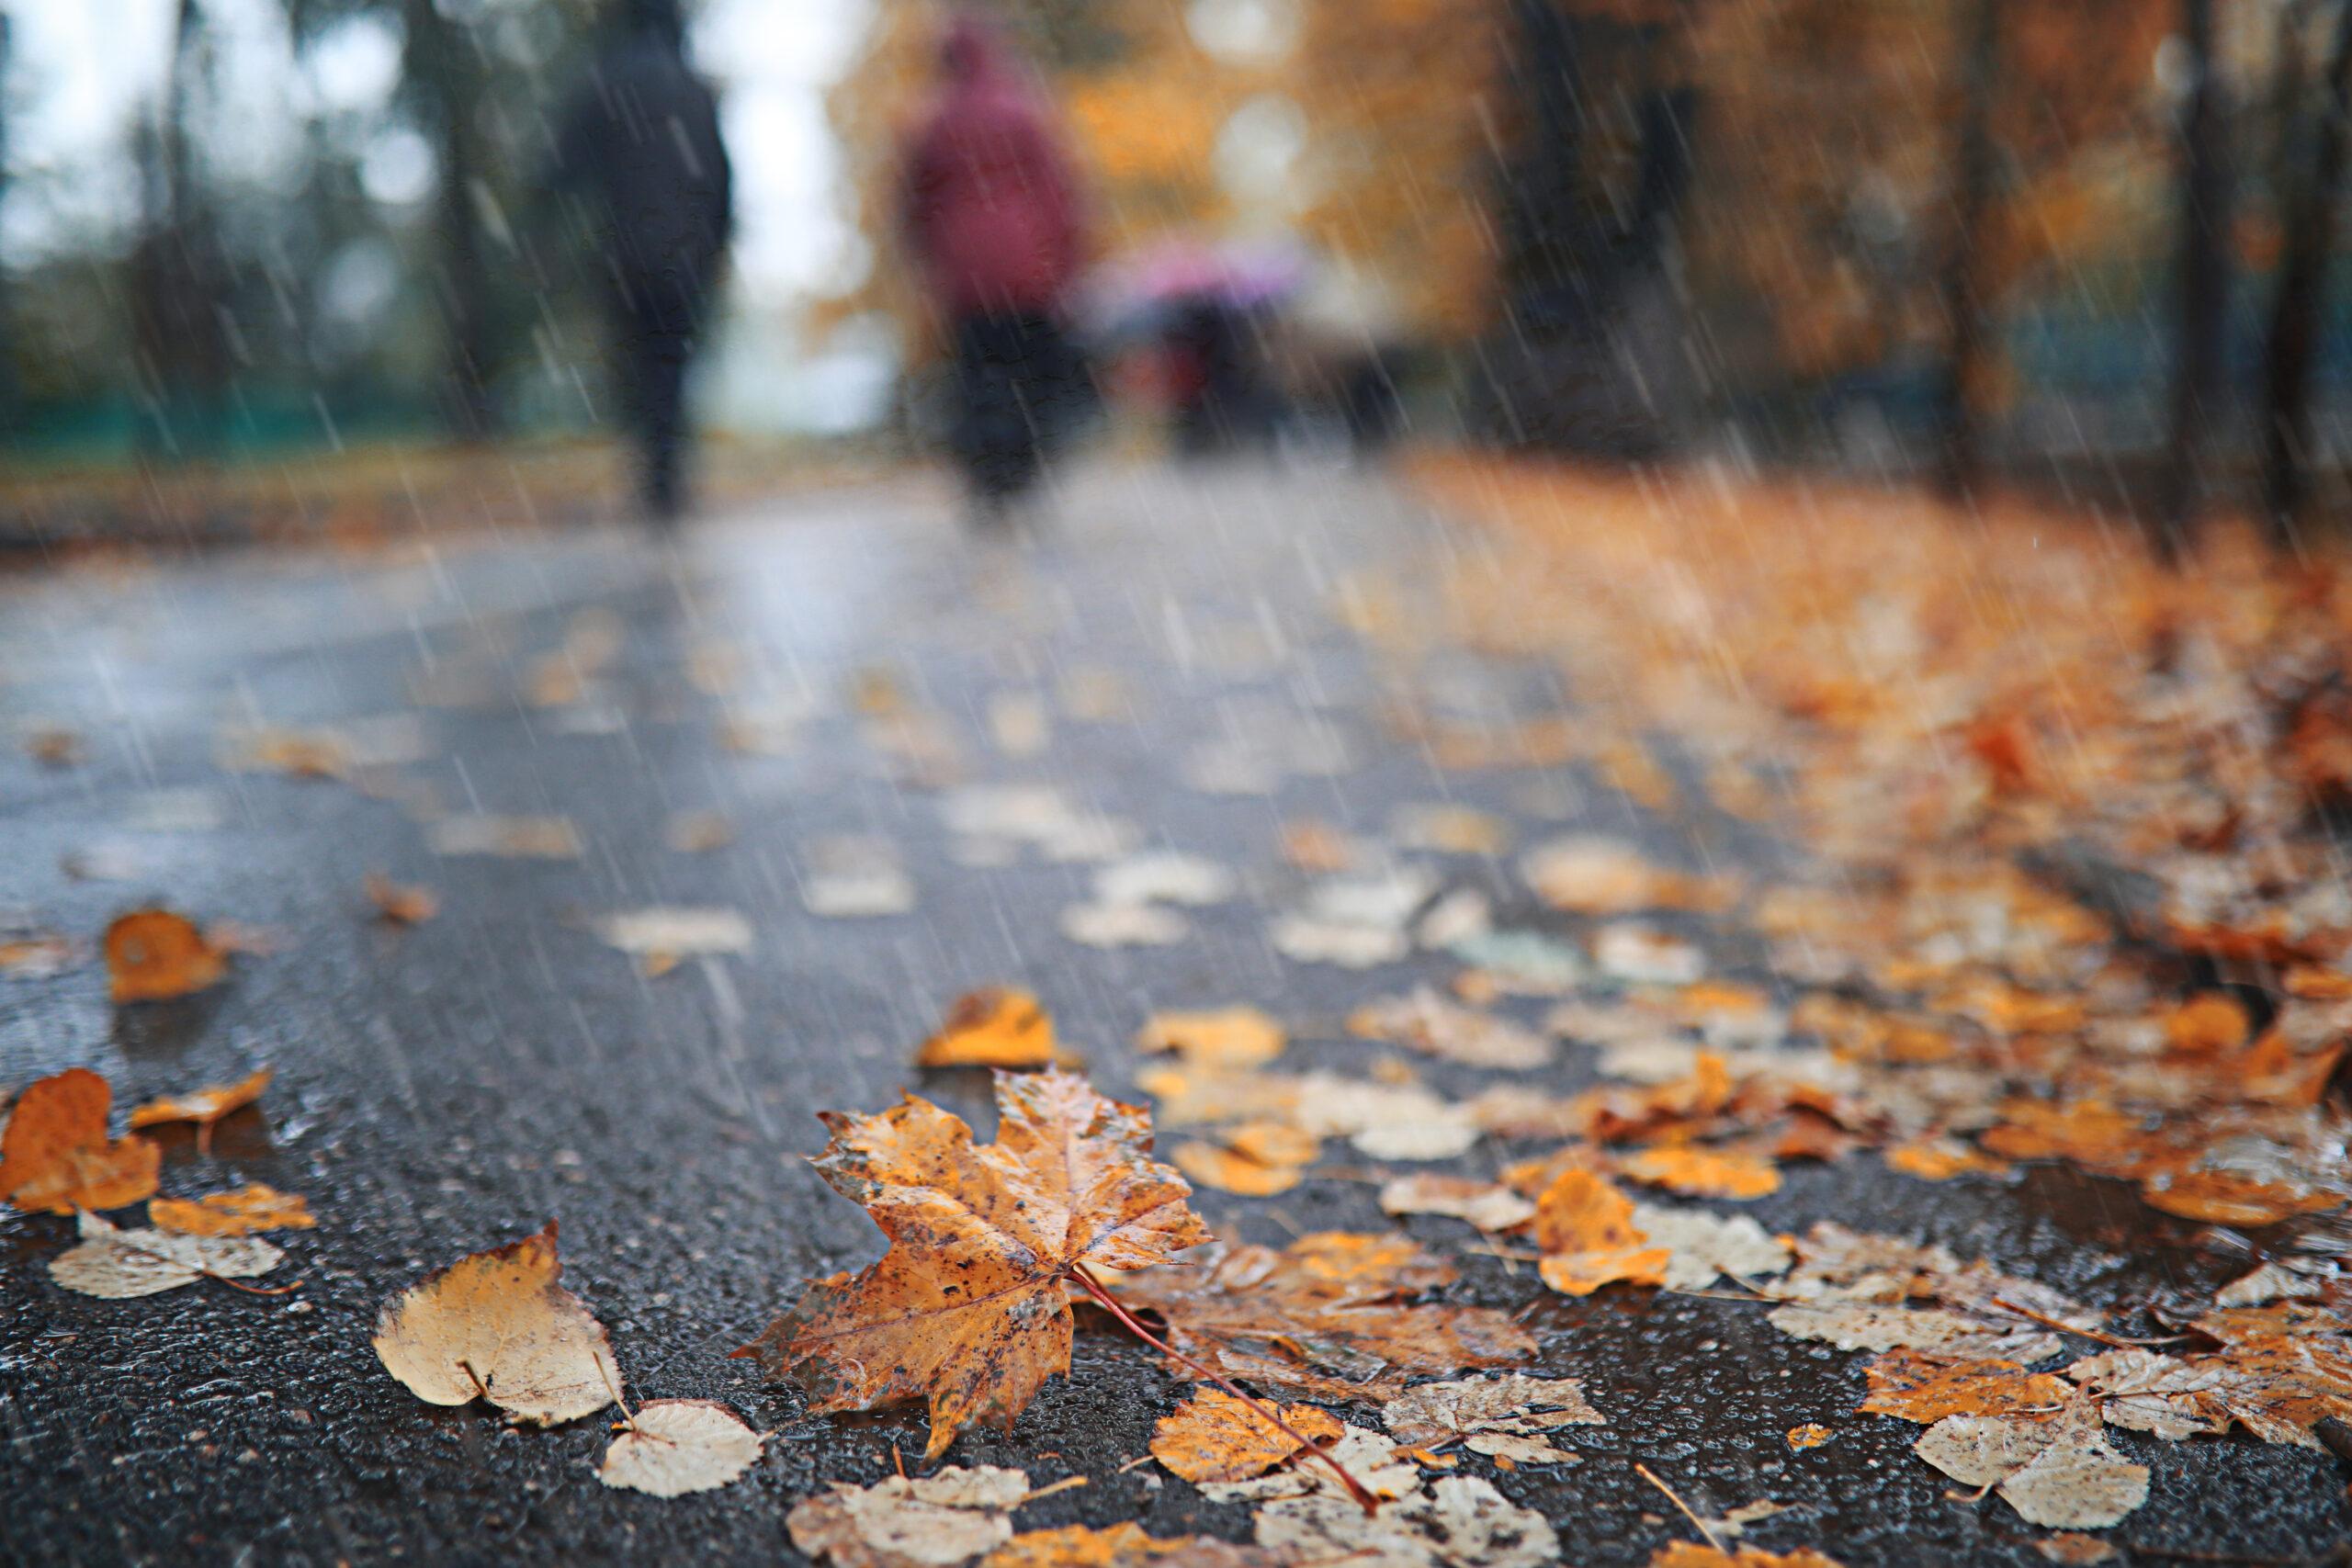 Outdoor-Sport: Herbstregen im Park